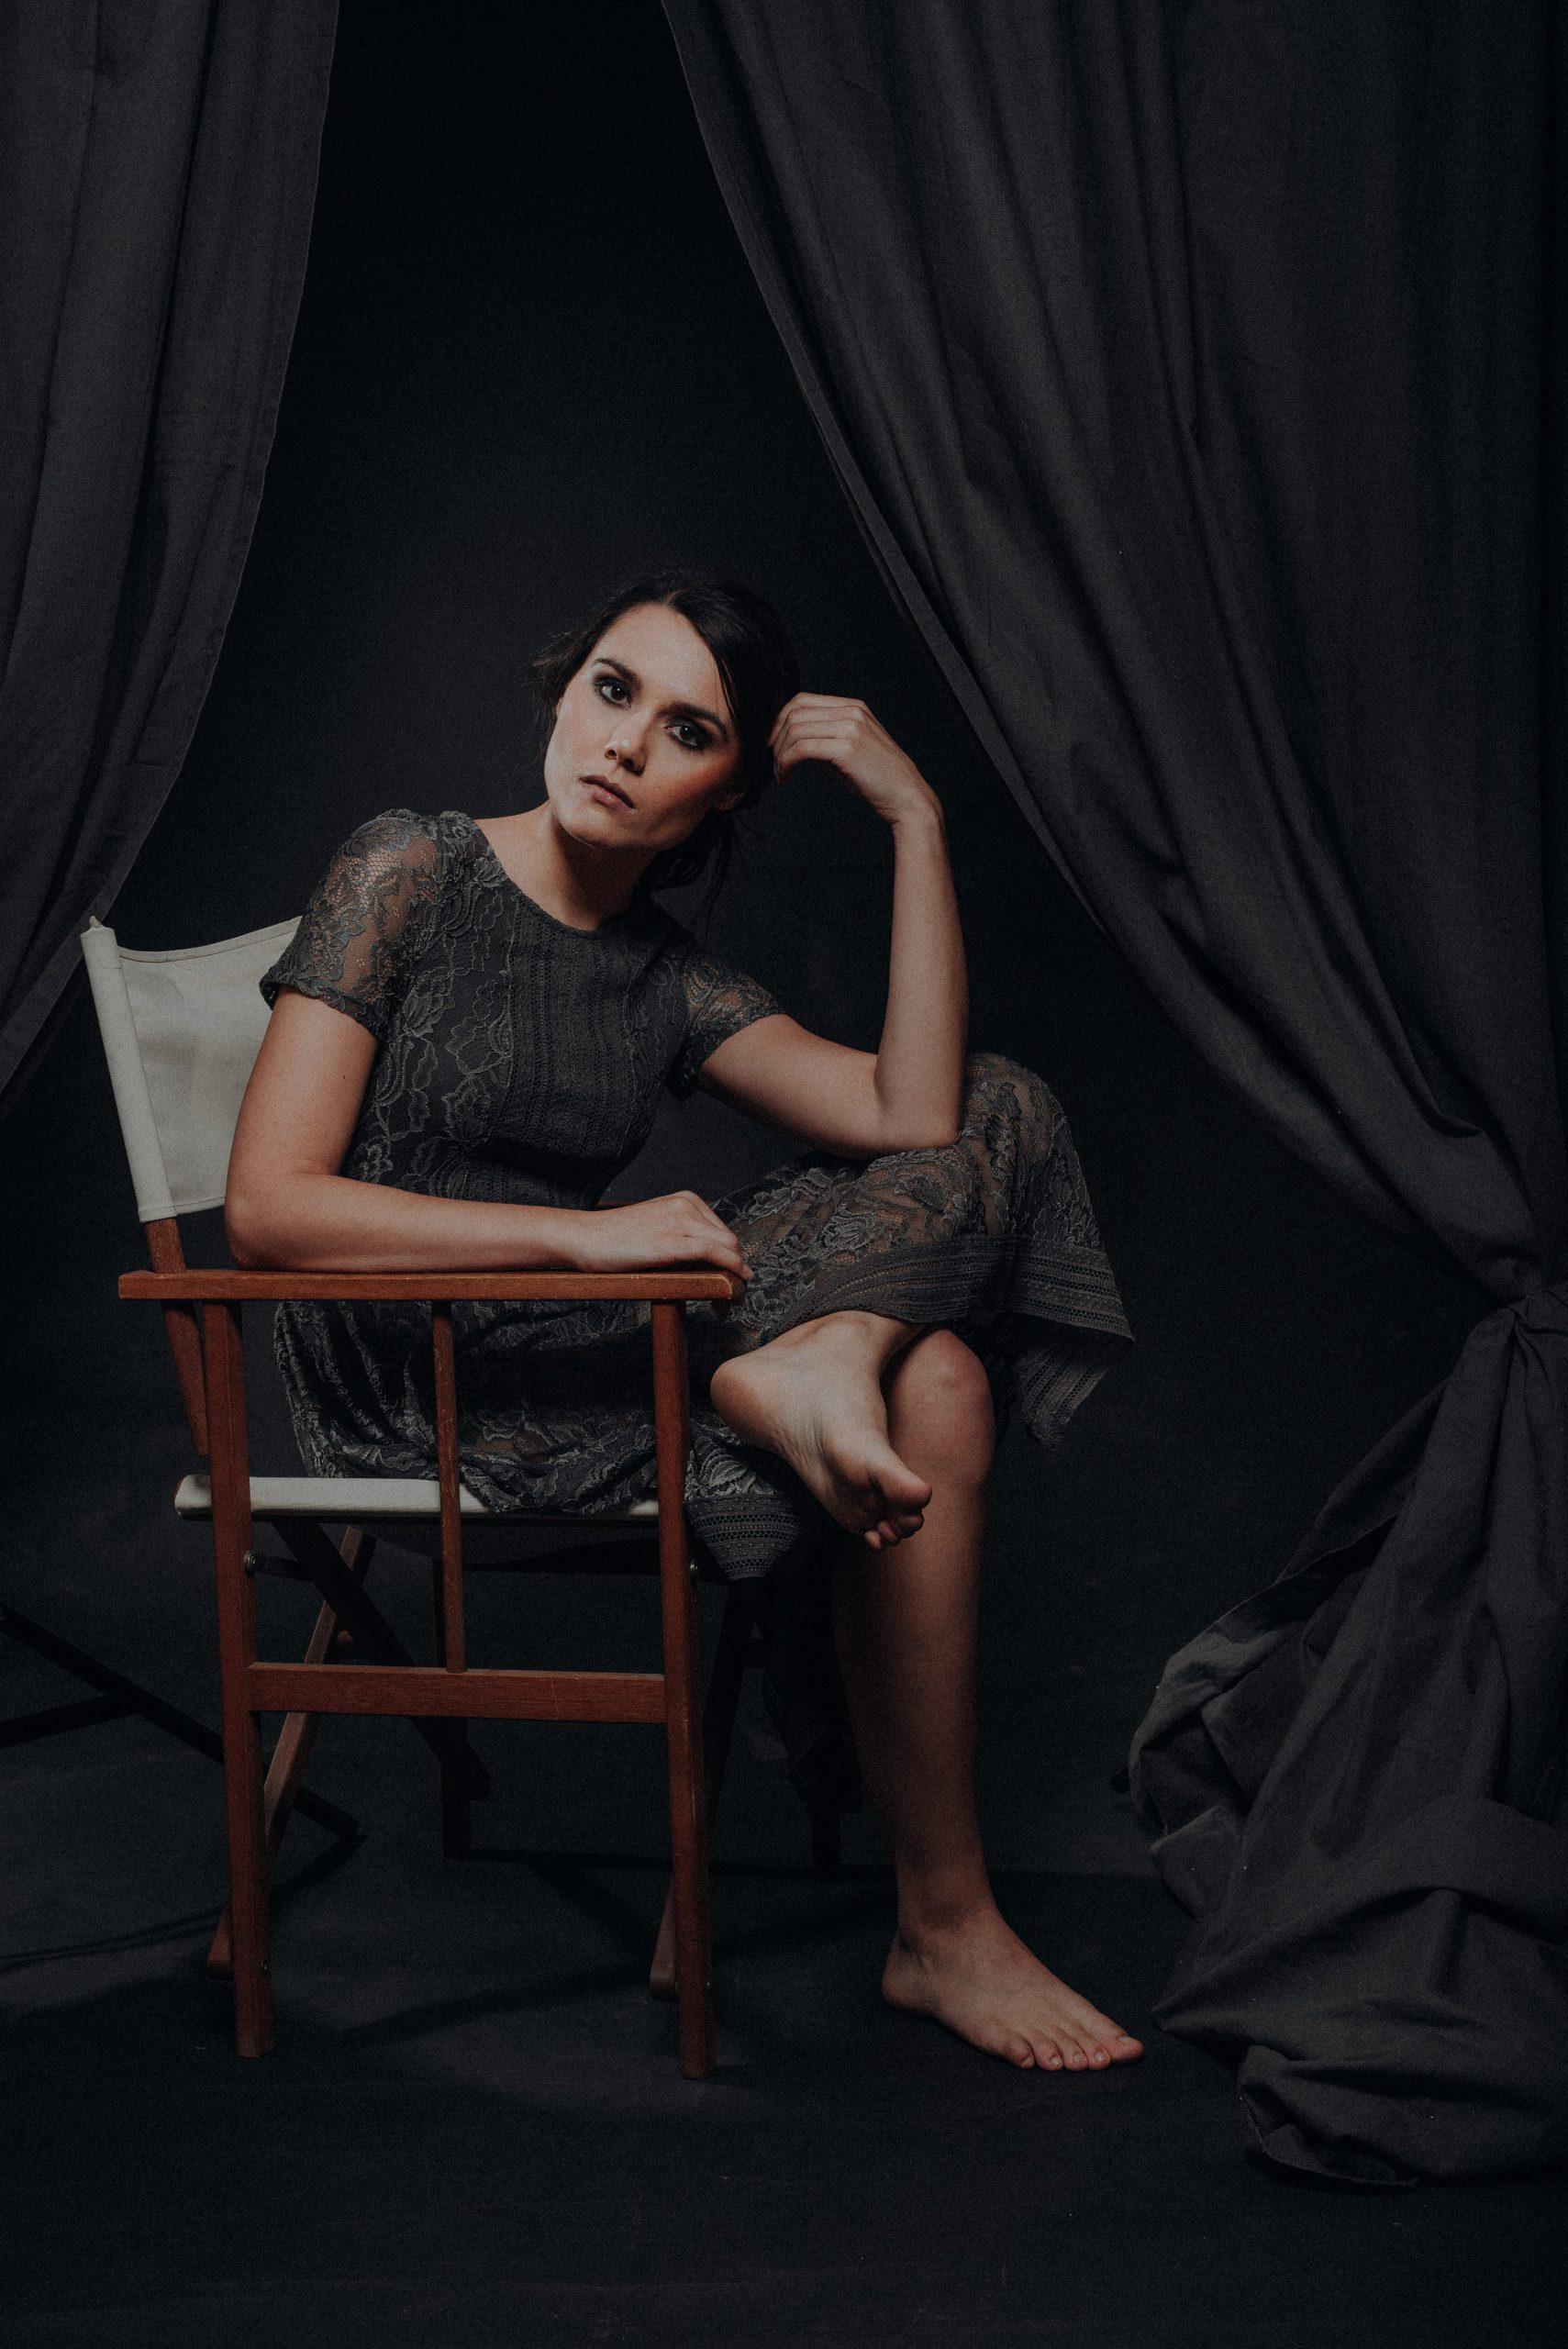 Frau in Kleid auf Holzstzuhl